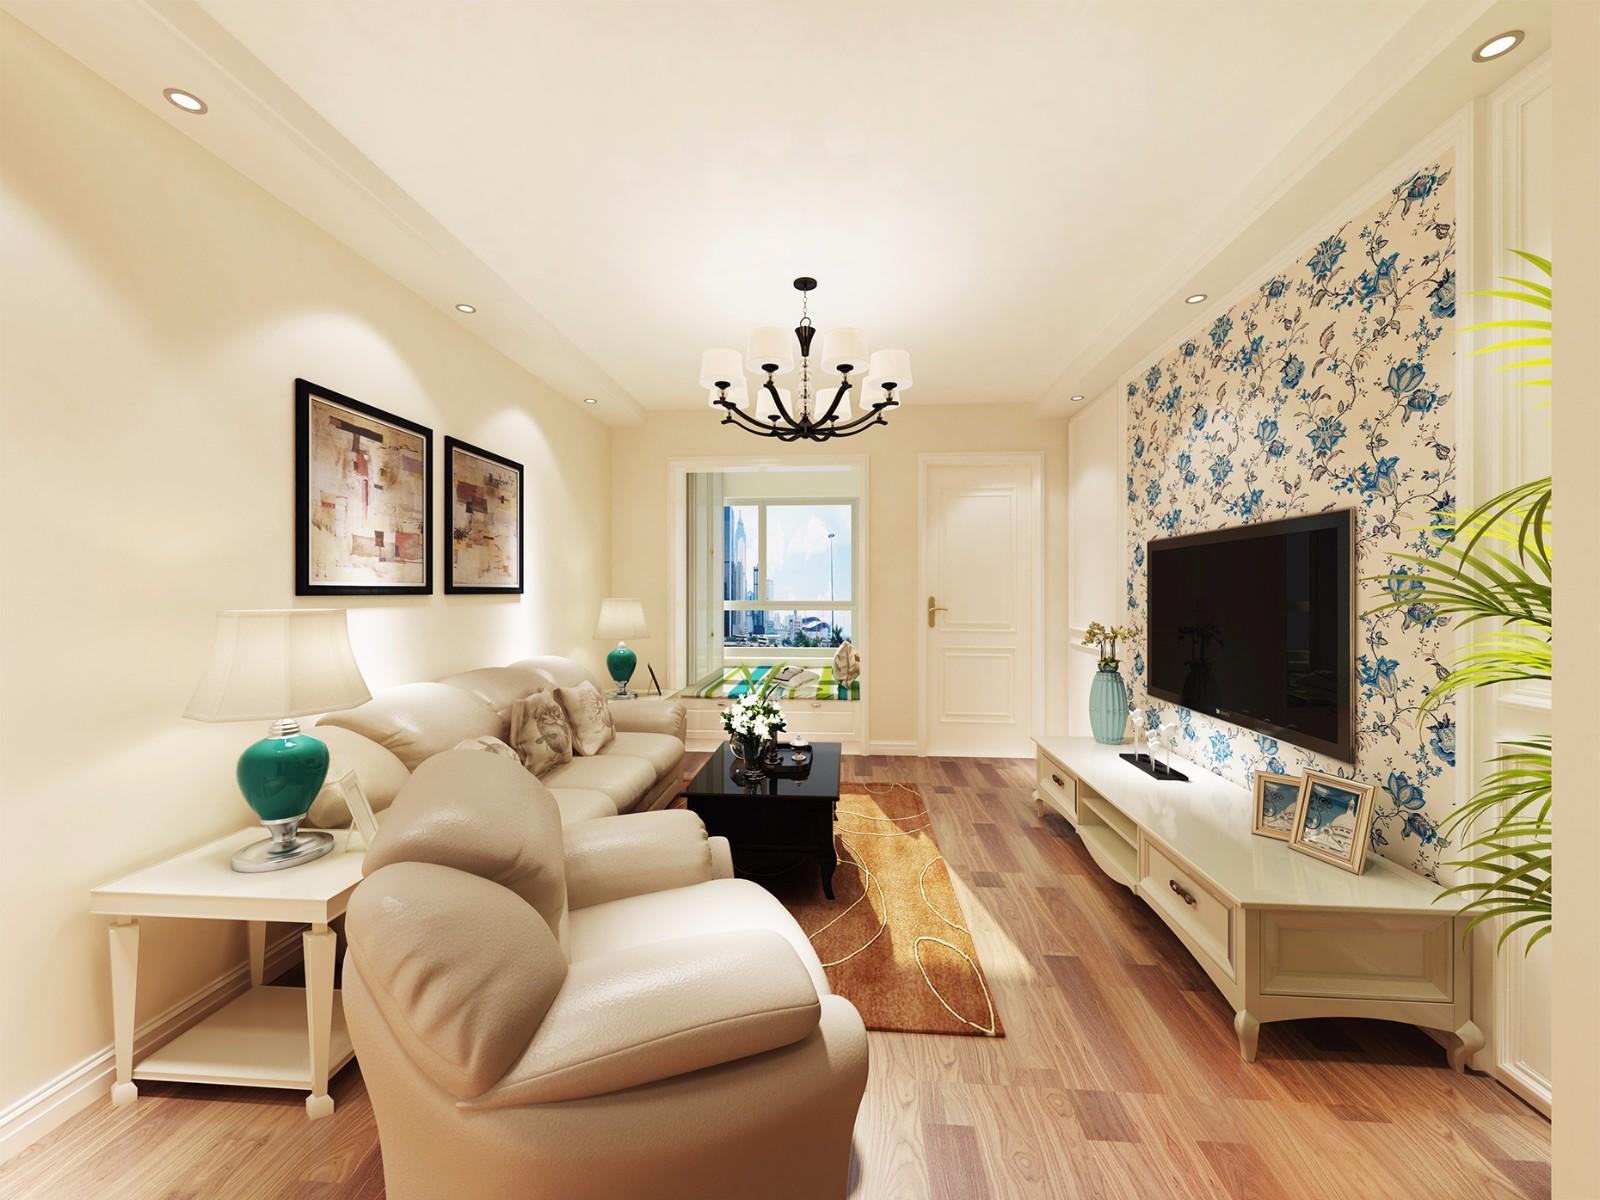 2室1卫1厅70平米简欧风格